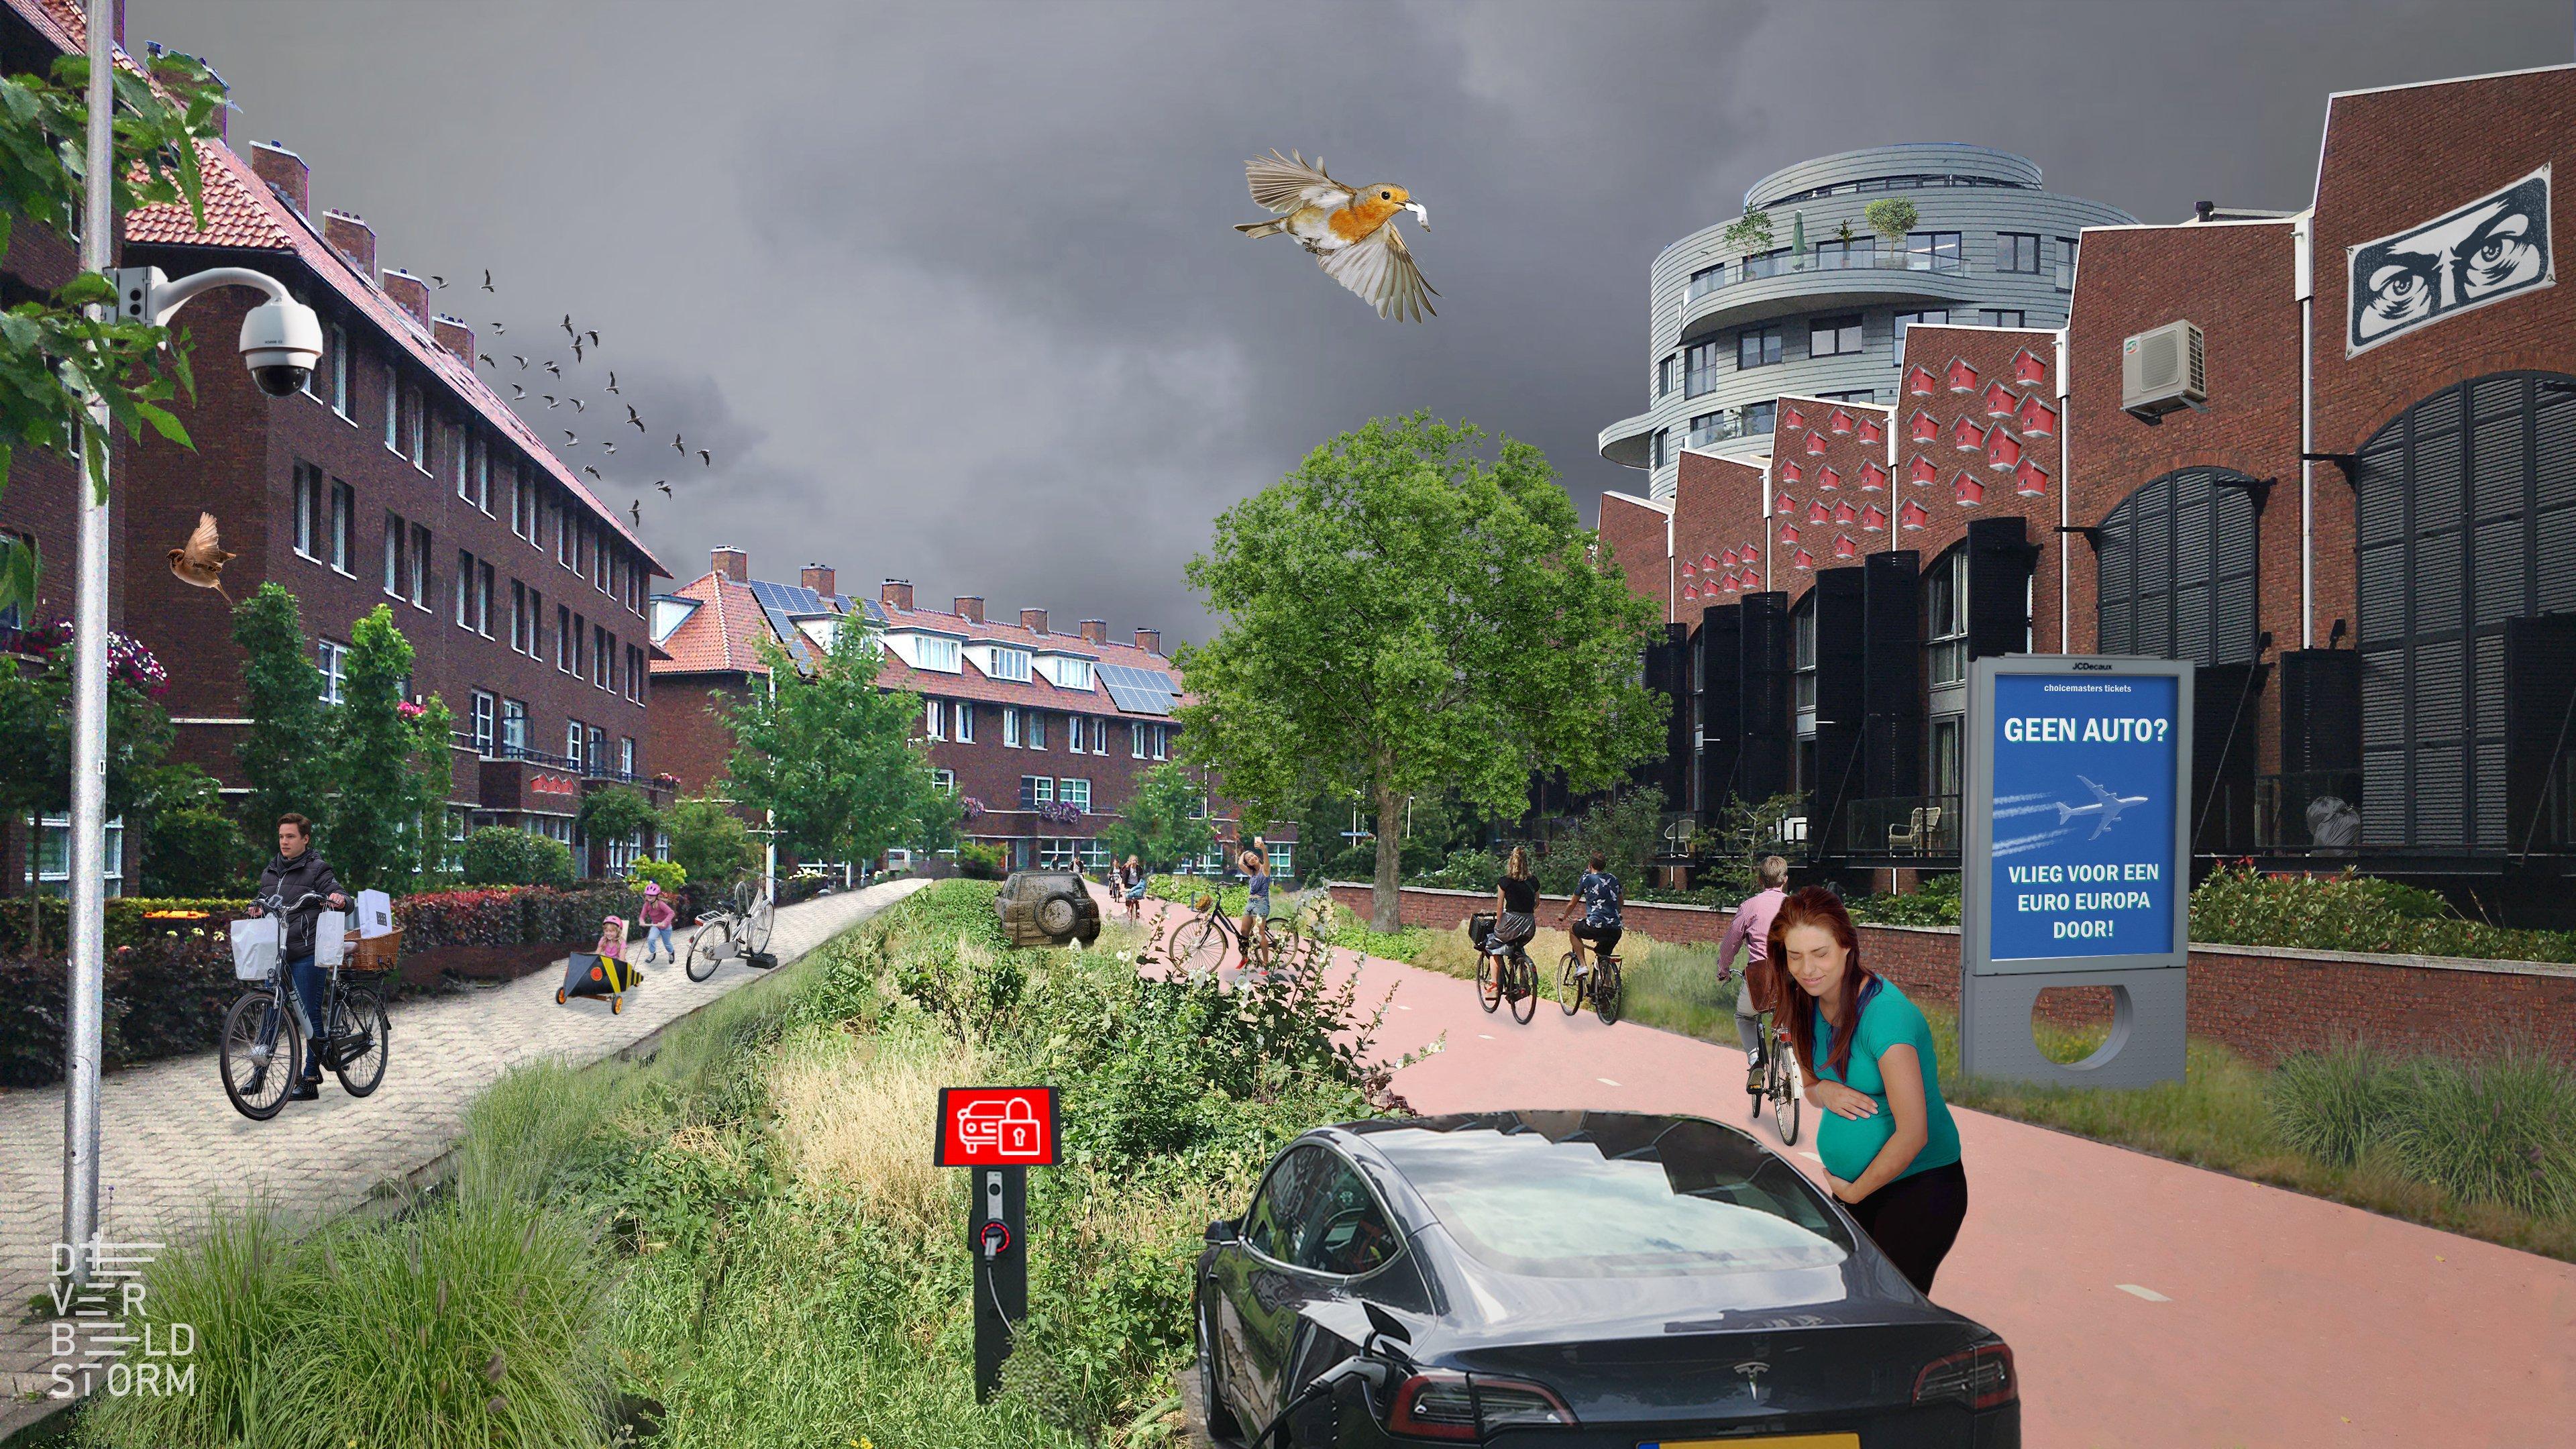 200822 Scenario Eco (onbedoeld) - de Verbeeldstorm, Universiteit Utrecht 2020